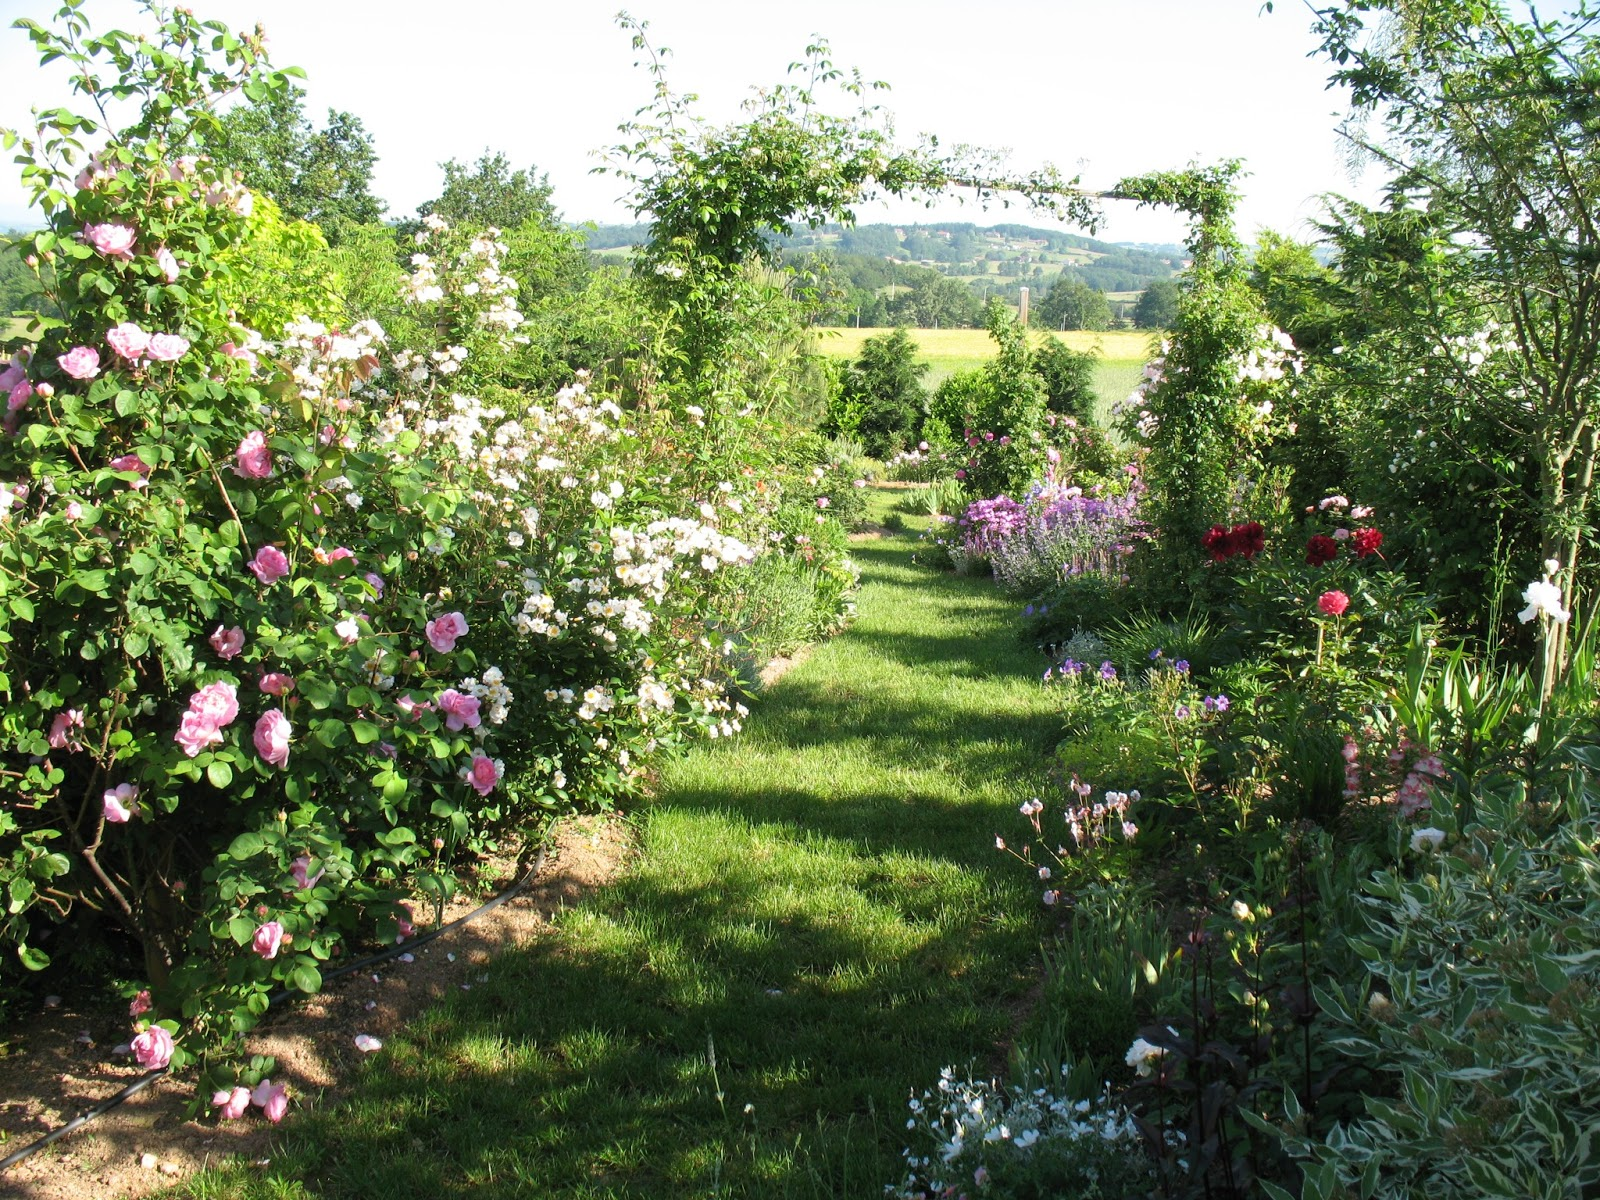 roses du jardin ch neland mon rosier rose pr f r. Black Bedroom Furniture Sets. Home Design Ideas